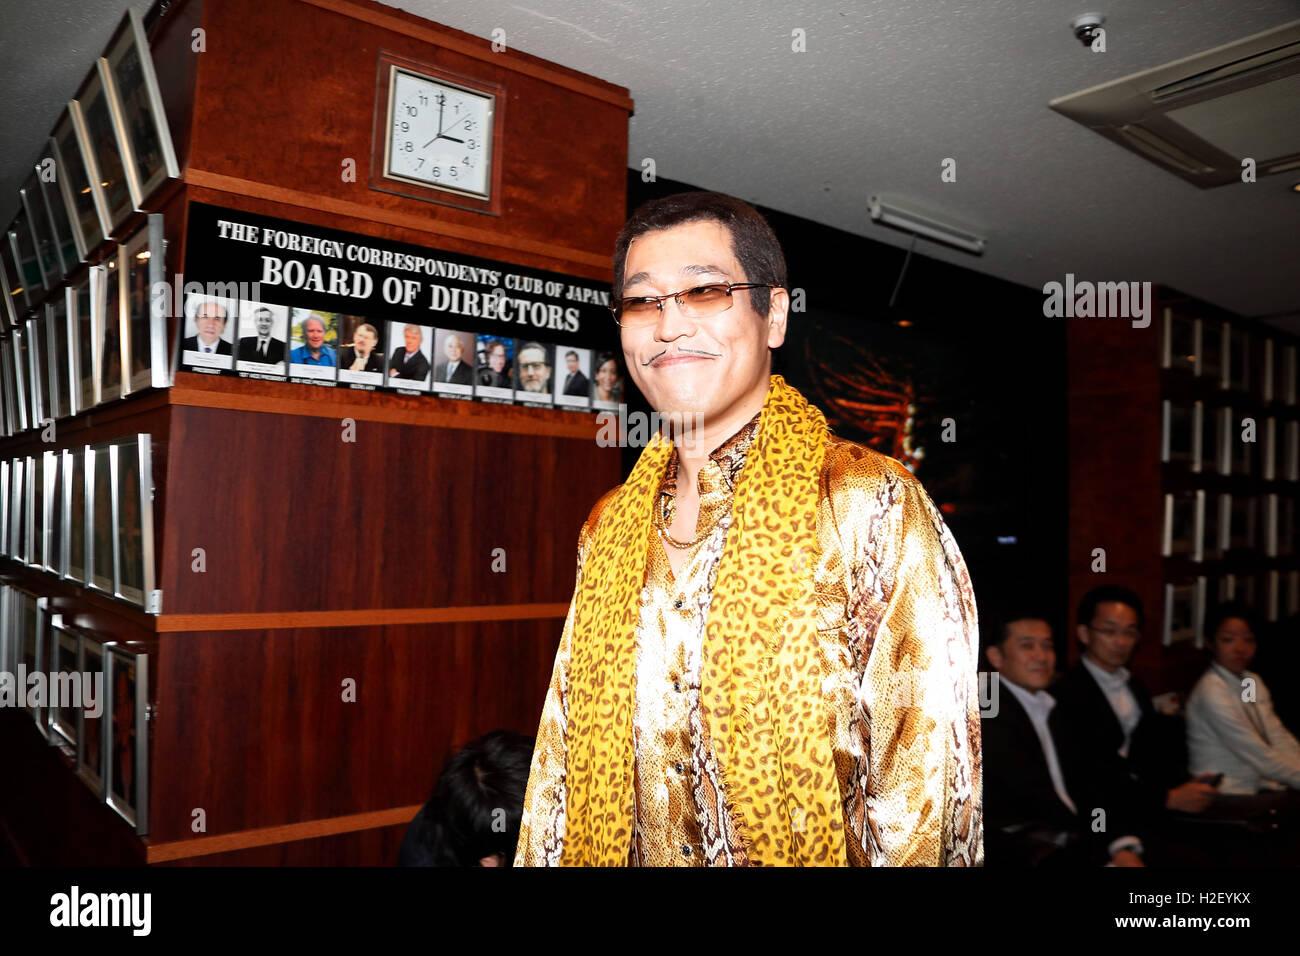 Tokyo, Japon. 28 Oct, 2016. Le comédien japonais Pikotaro Piko (Taro) arrive au Club des correspondants étrangers Photo Stock